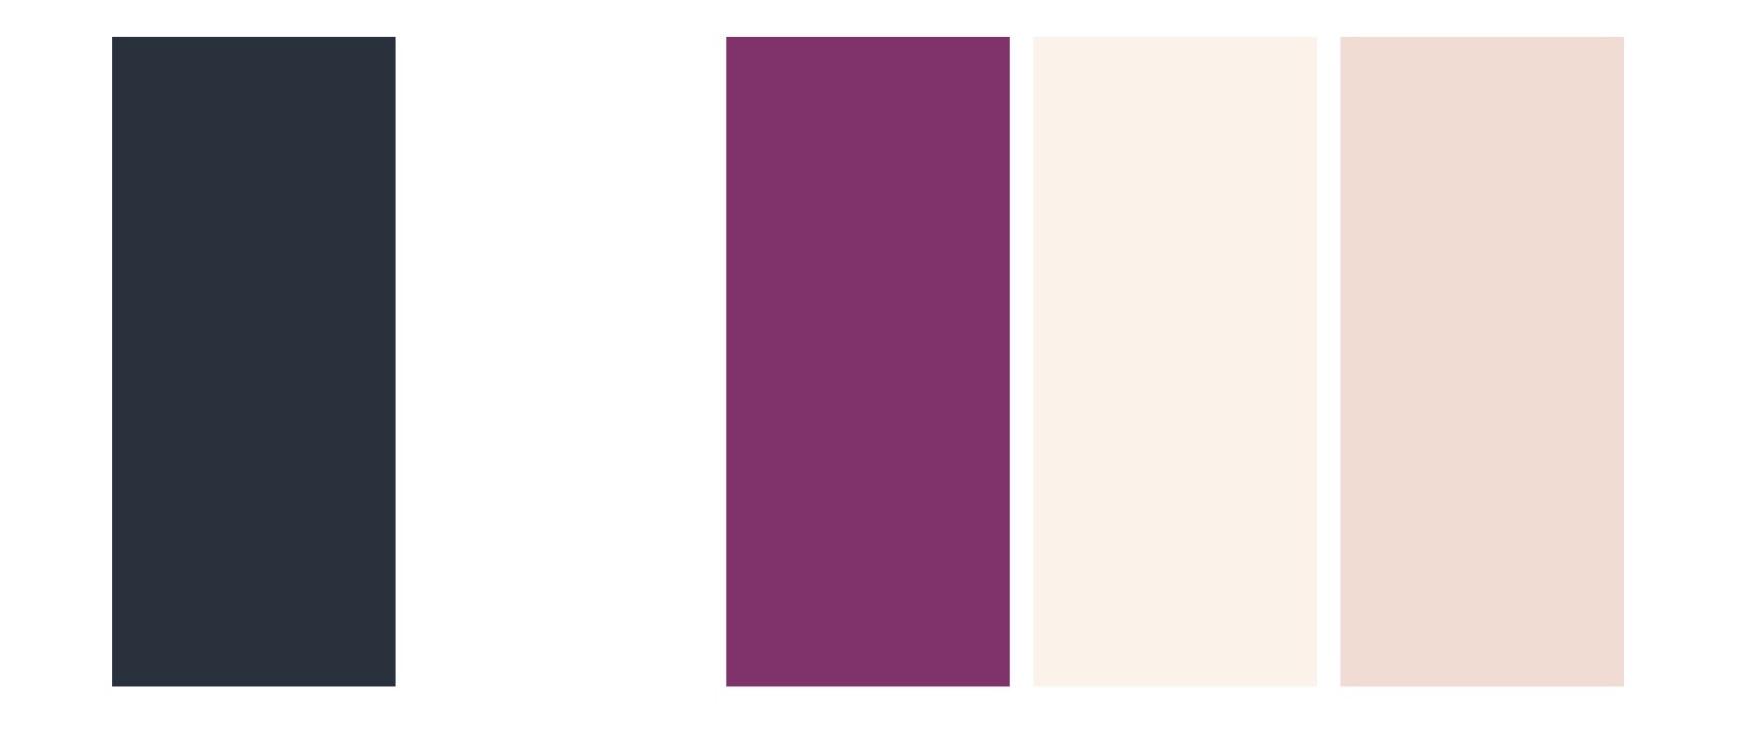 palette messua design and media.jpg